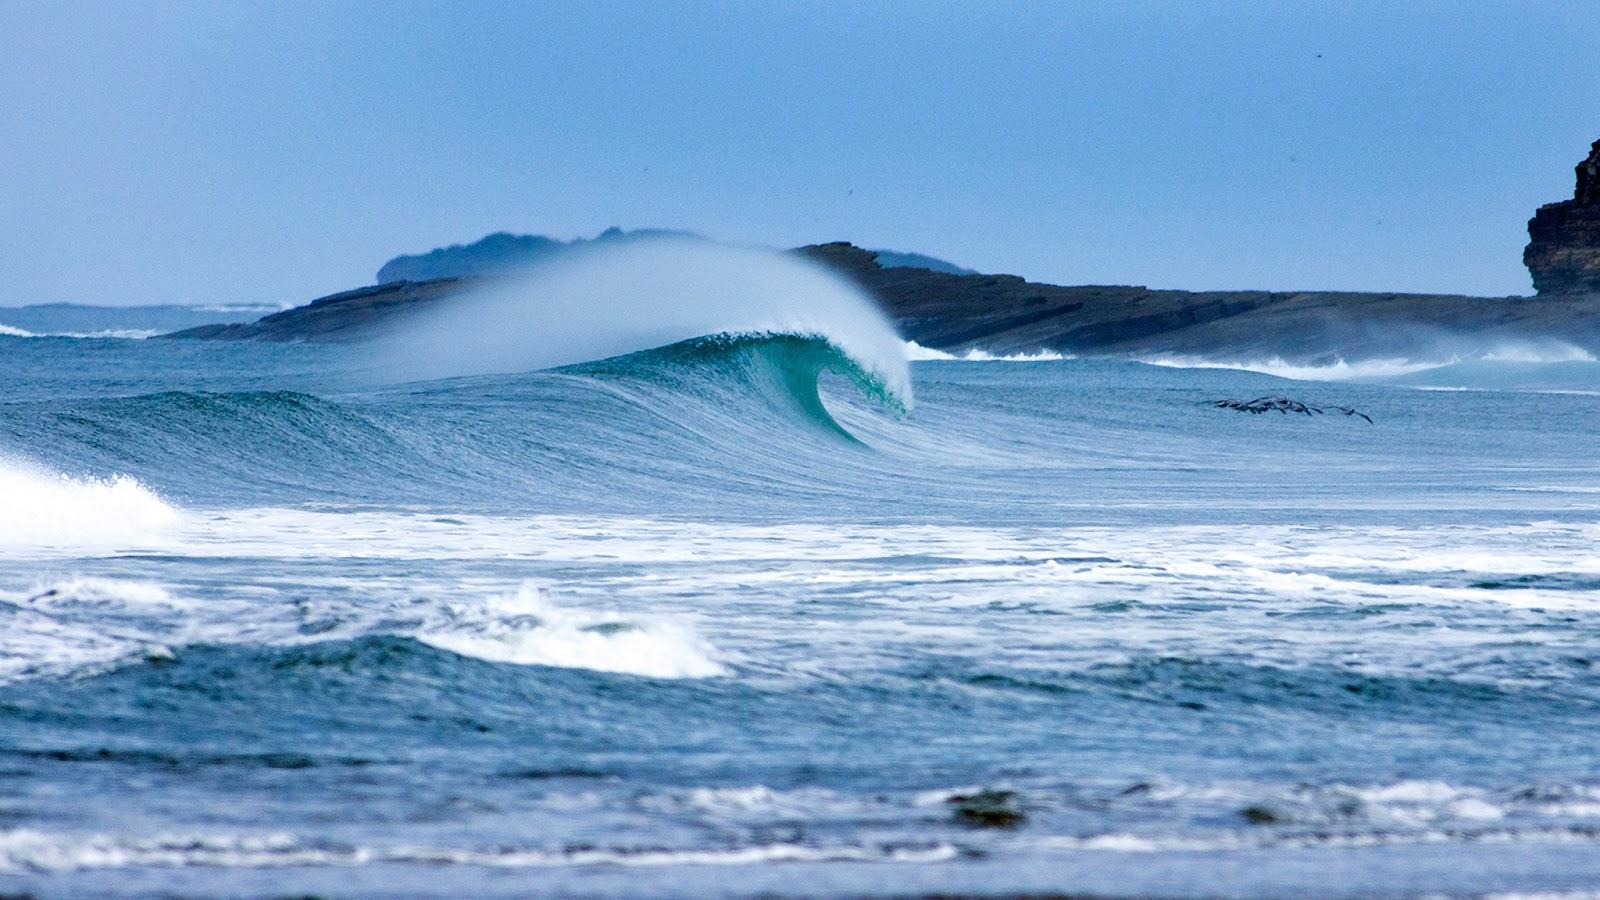 pico surf